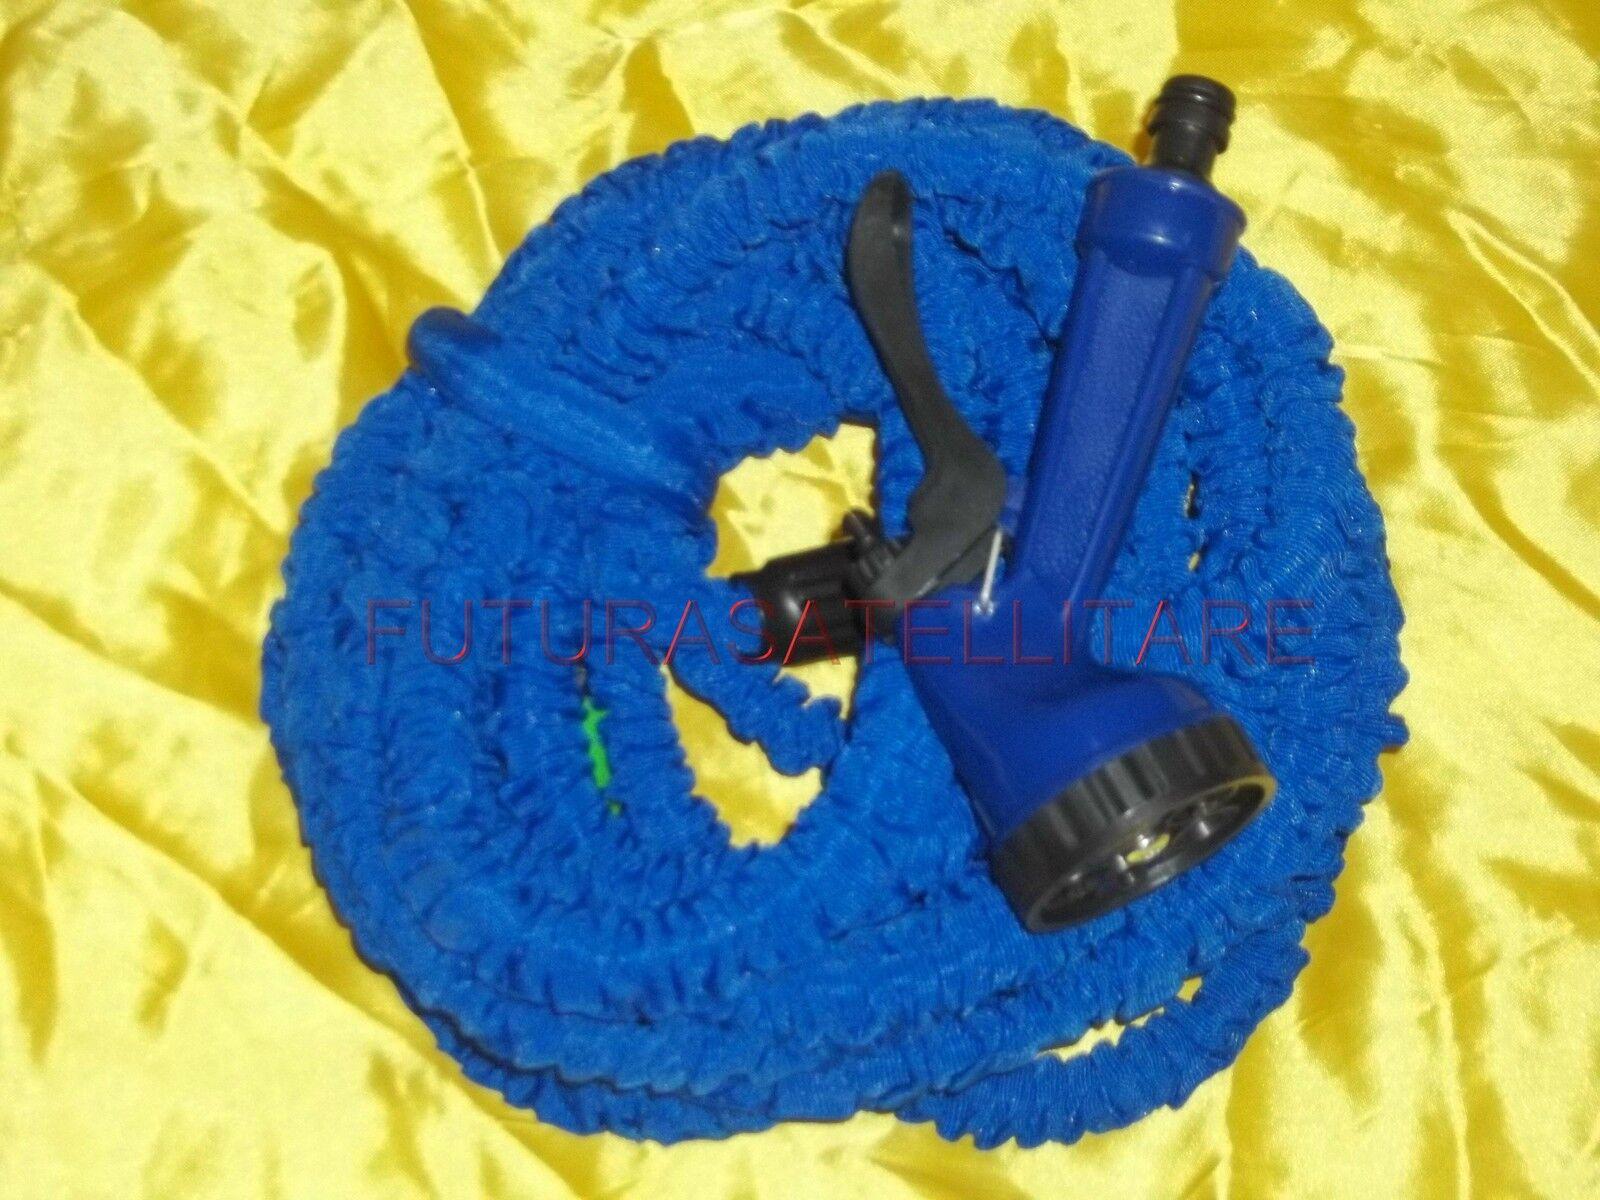 a buon mercato TUBO ESTENSIBILE FLESSIBILE GIARDINO PISTOLA GIARDINAGGIO CASA 22,5 MT MT MT BLU  autorizzazione ufficiale